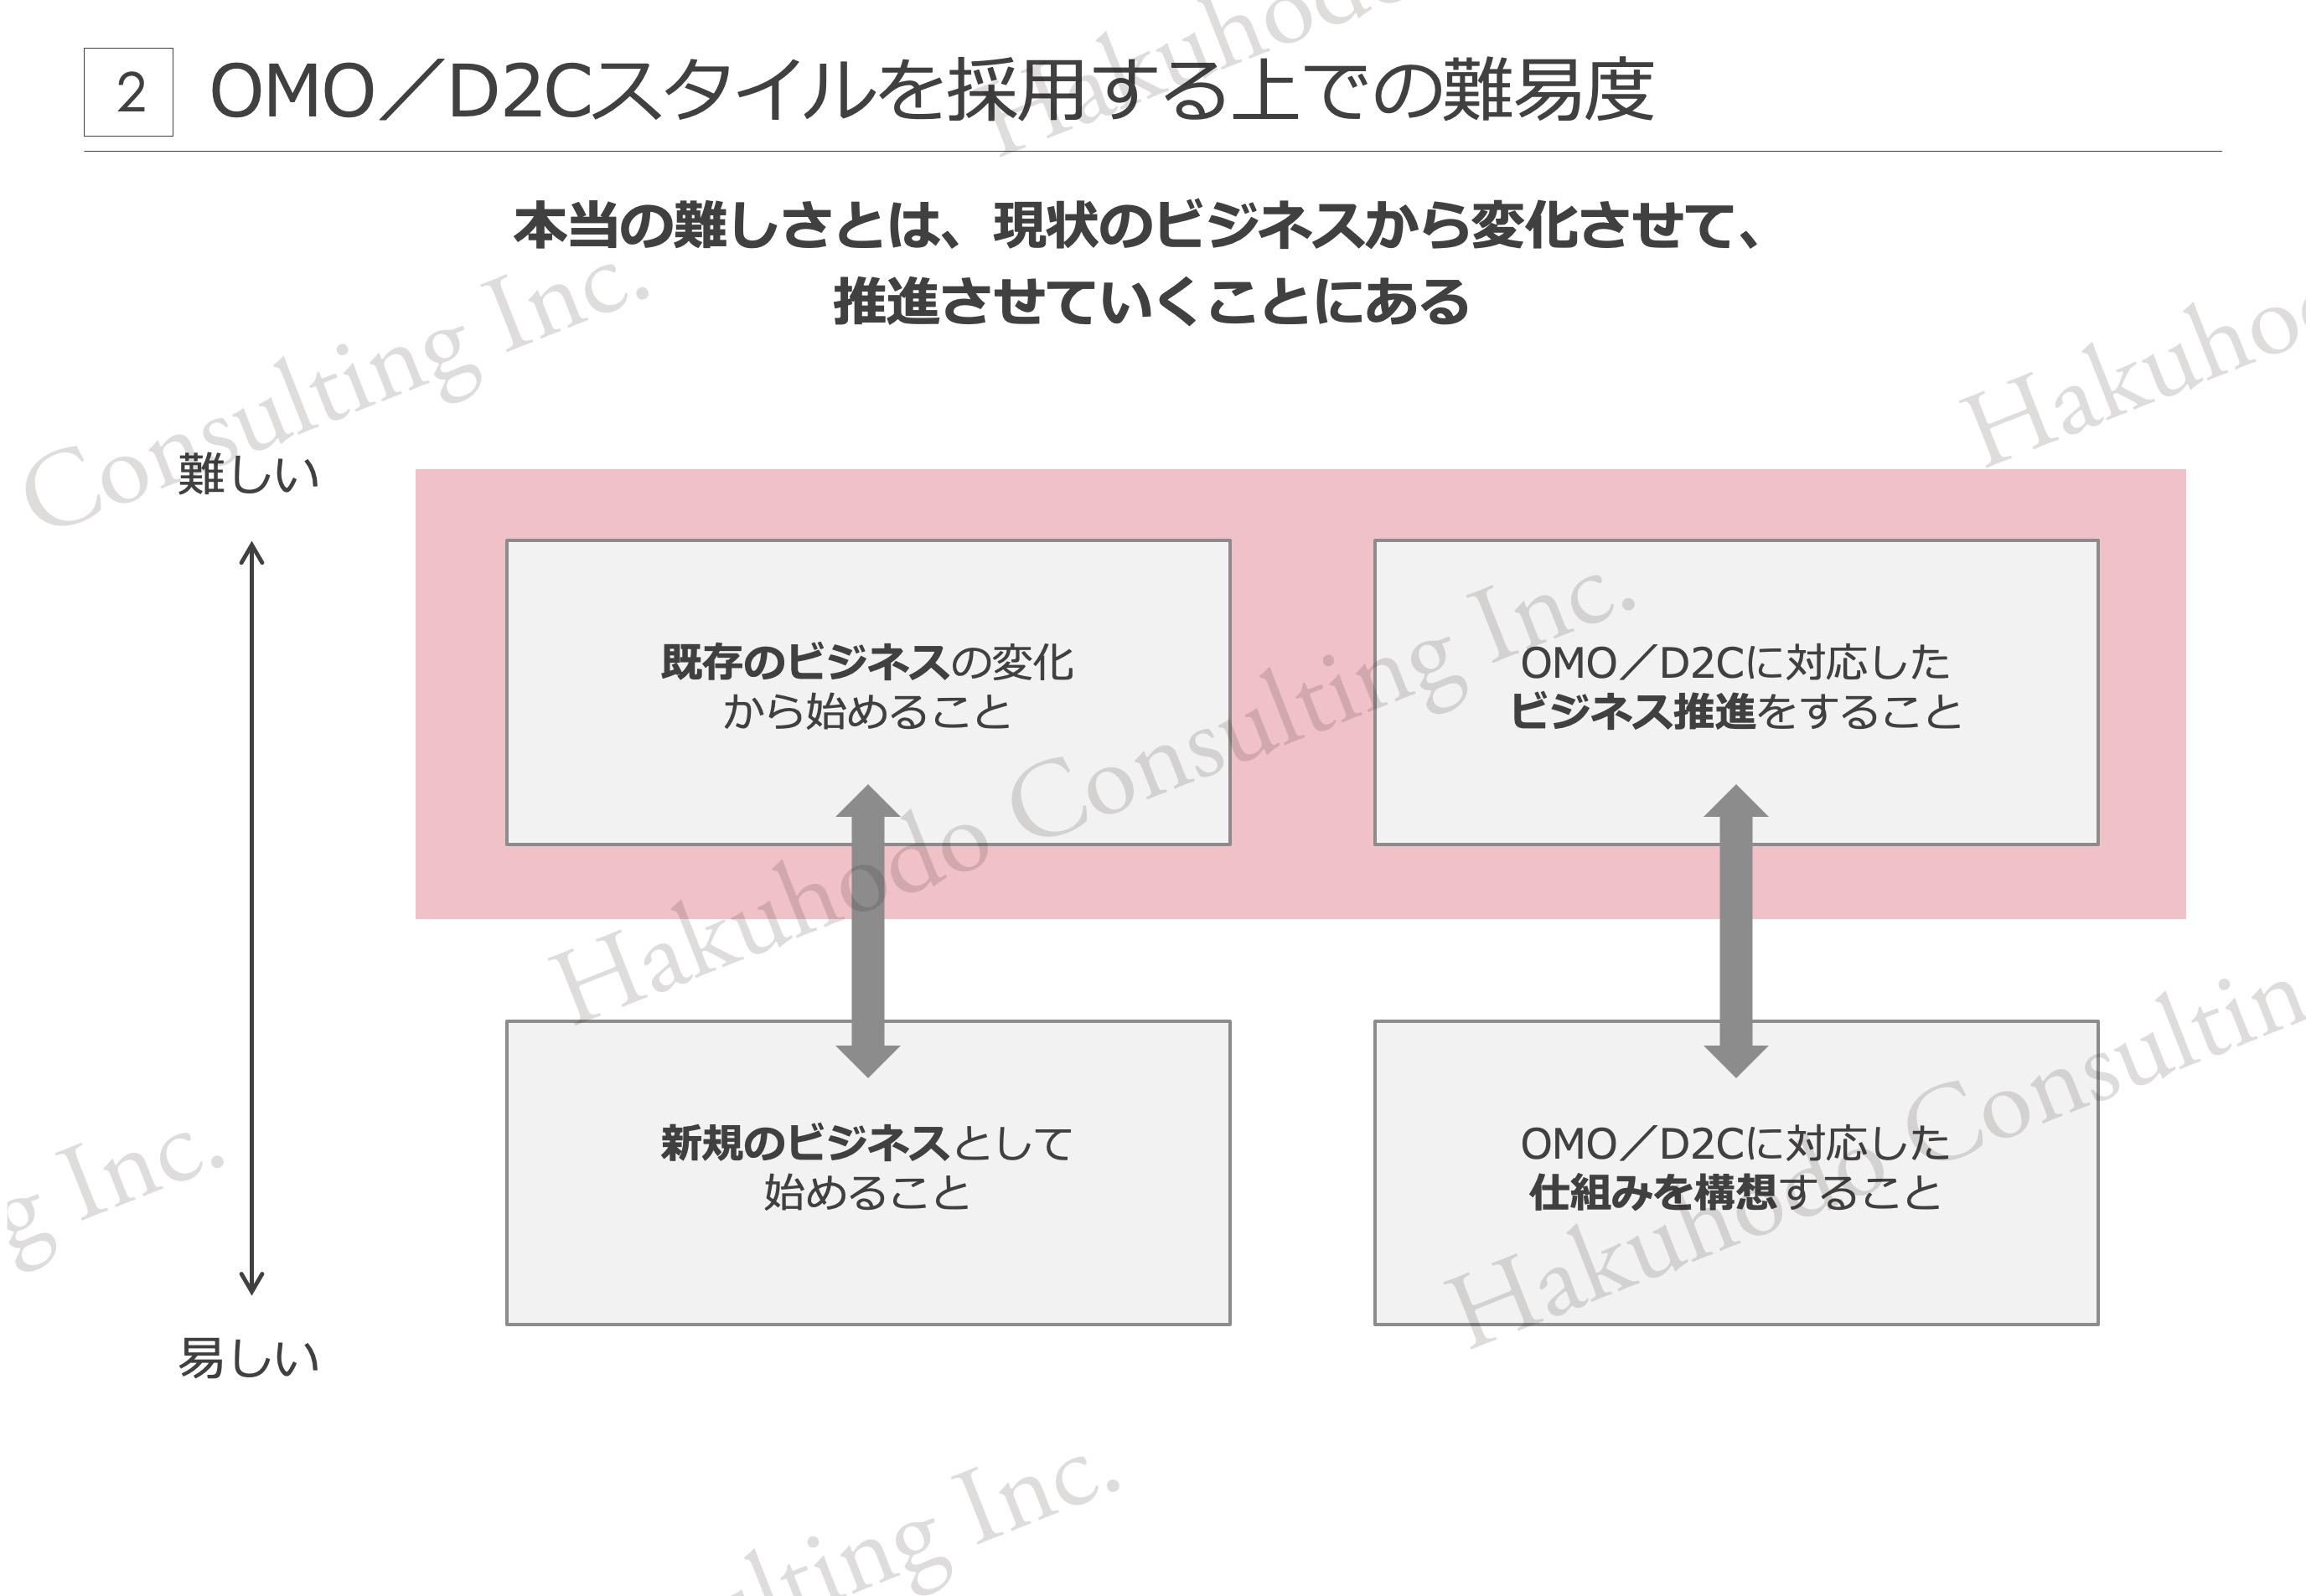 OMO/D2Cスタイルを採用する上での難易度